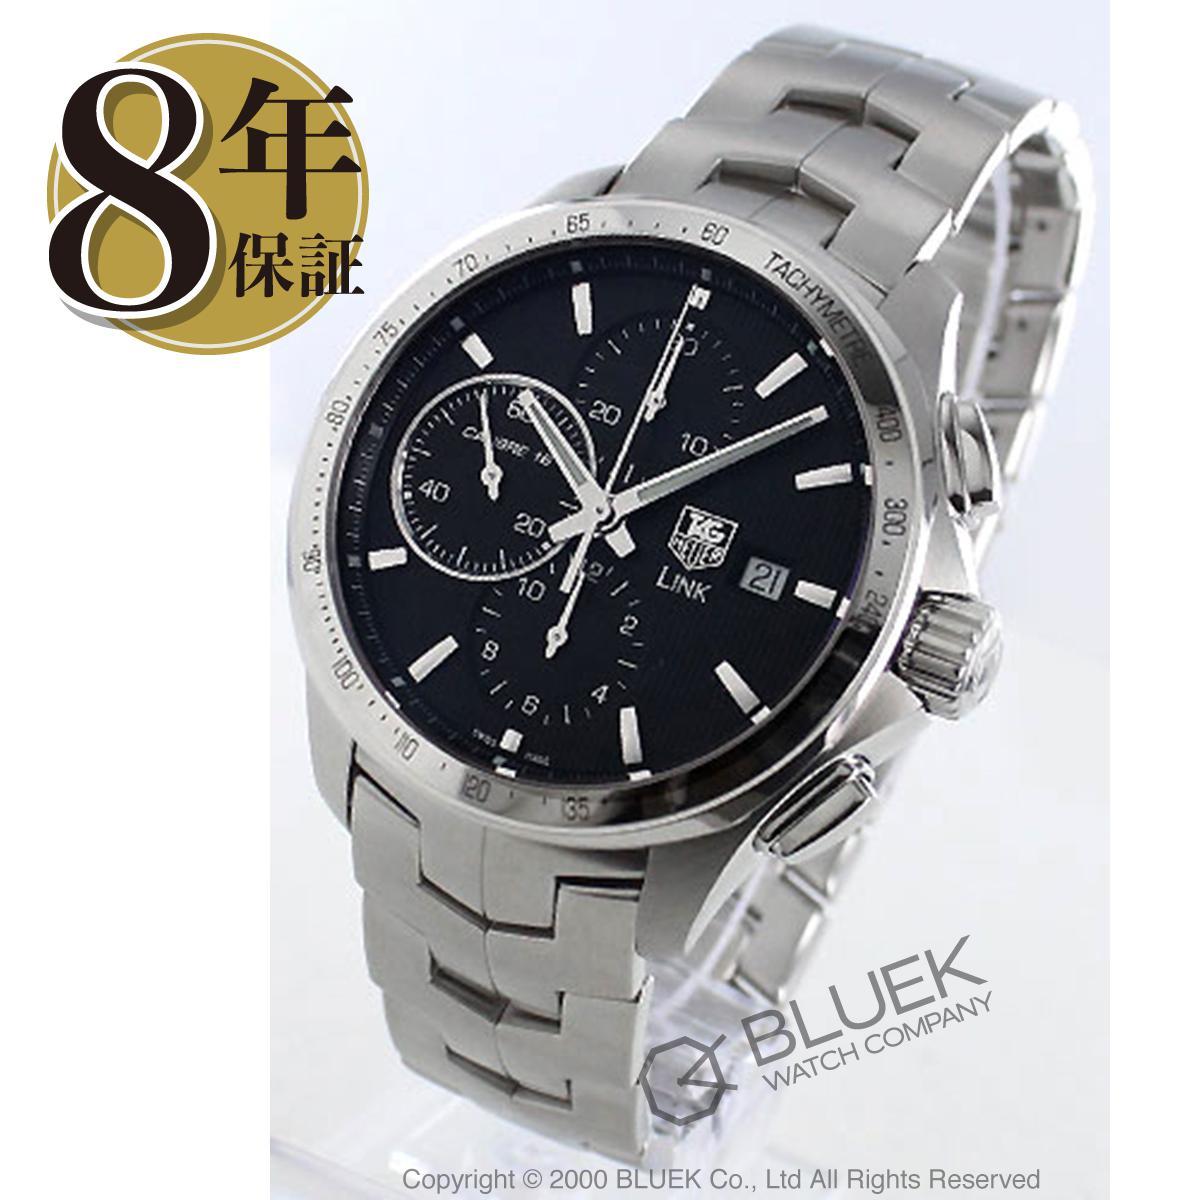 【最大3万円割引クーポン 11/01~】タグホイヤー リンク クロノグラフ 腕時計 メンズ TAG Heuer CAT2010.BA0952_8